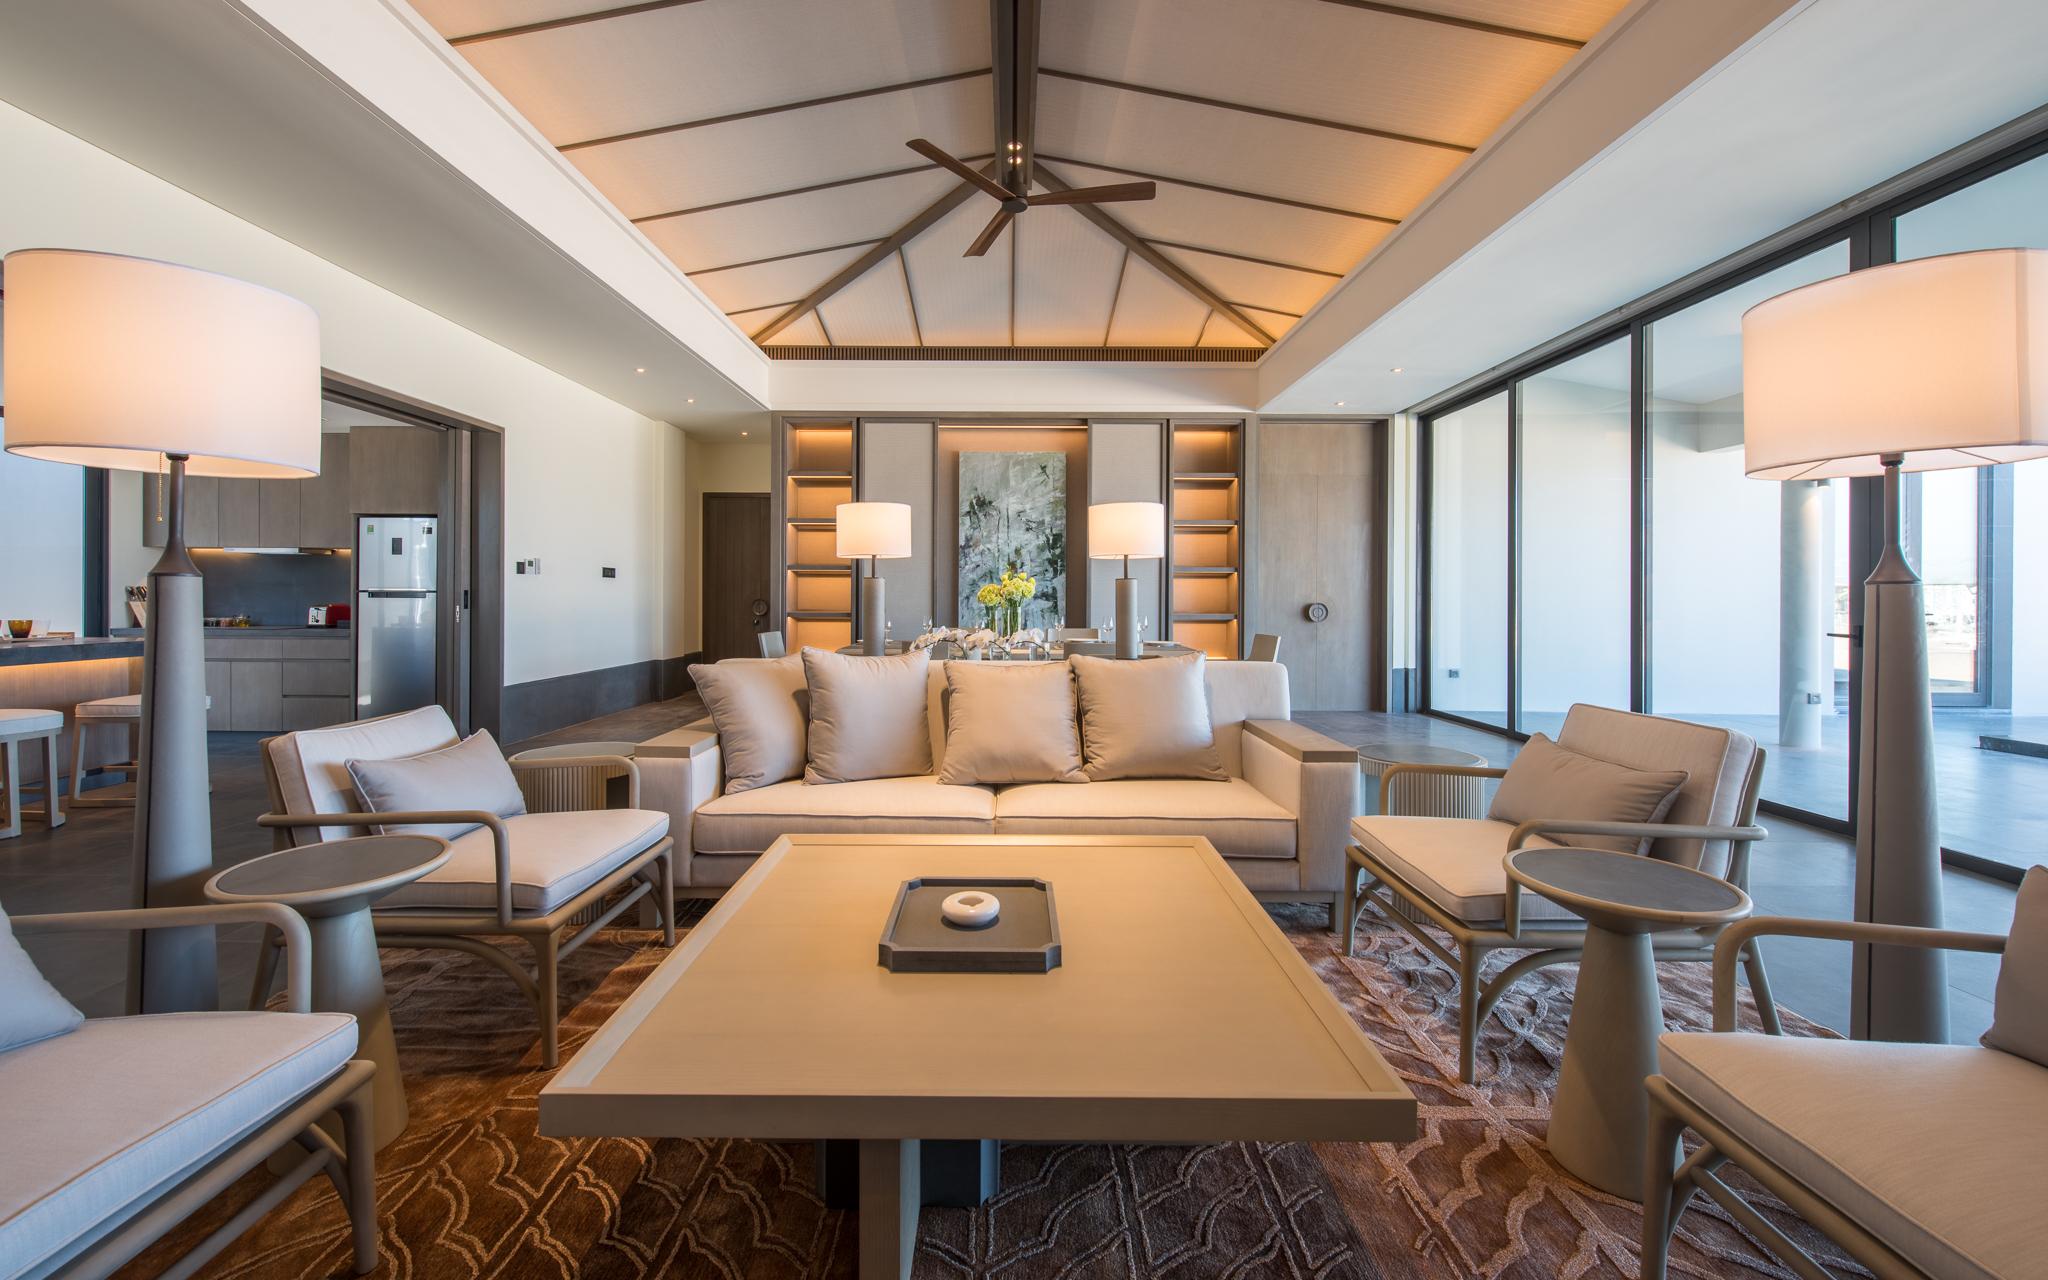 Không chỉ là lựa chọn nghỉ dưỡng hạng sang lý tưởng, Regent Residences Phu Quoc còn mang đến cho nhà đầu tư tiềm năng phát triển vượt trội với chính sách cam kết lợi nhuận không thấp hơn 9%/năm trong 9 năm và chia sẻ doanh thu đến 40%.